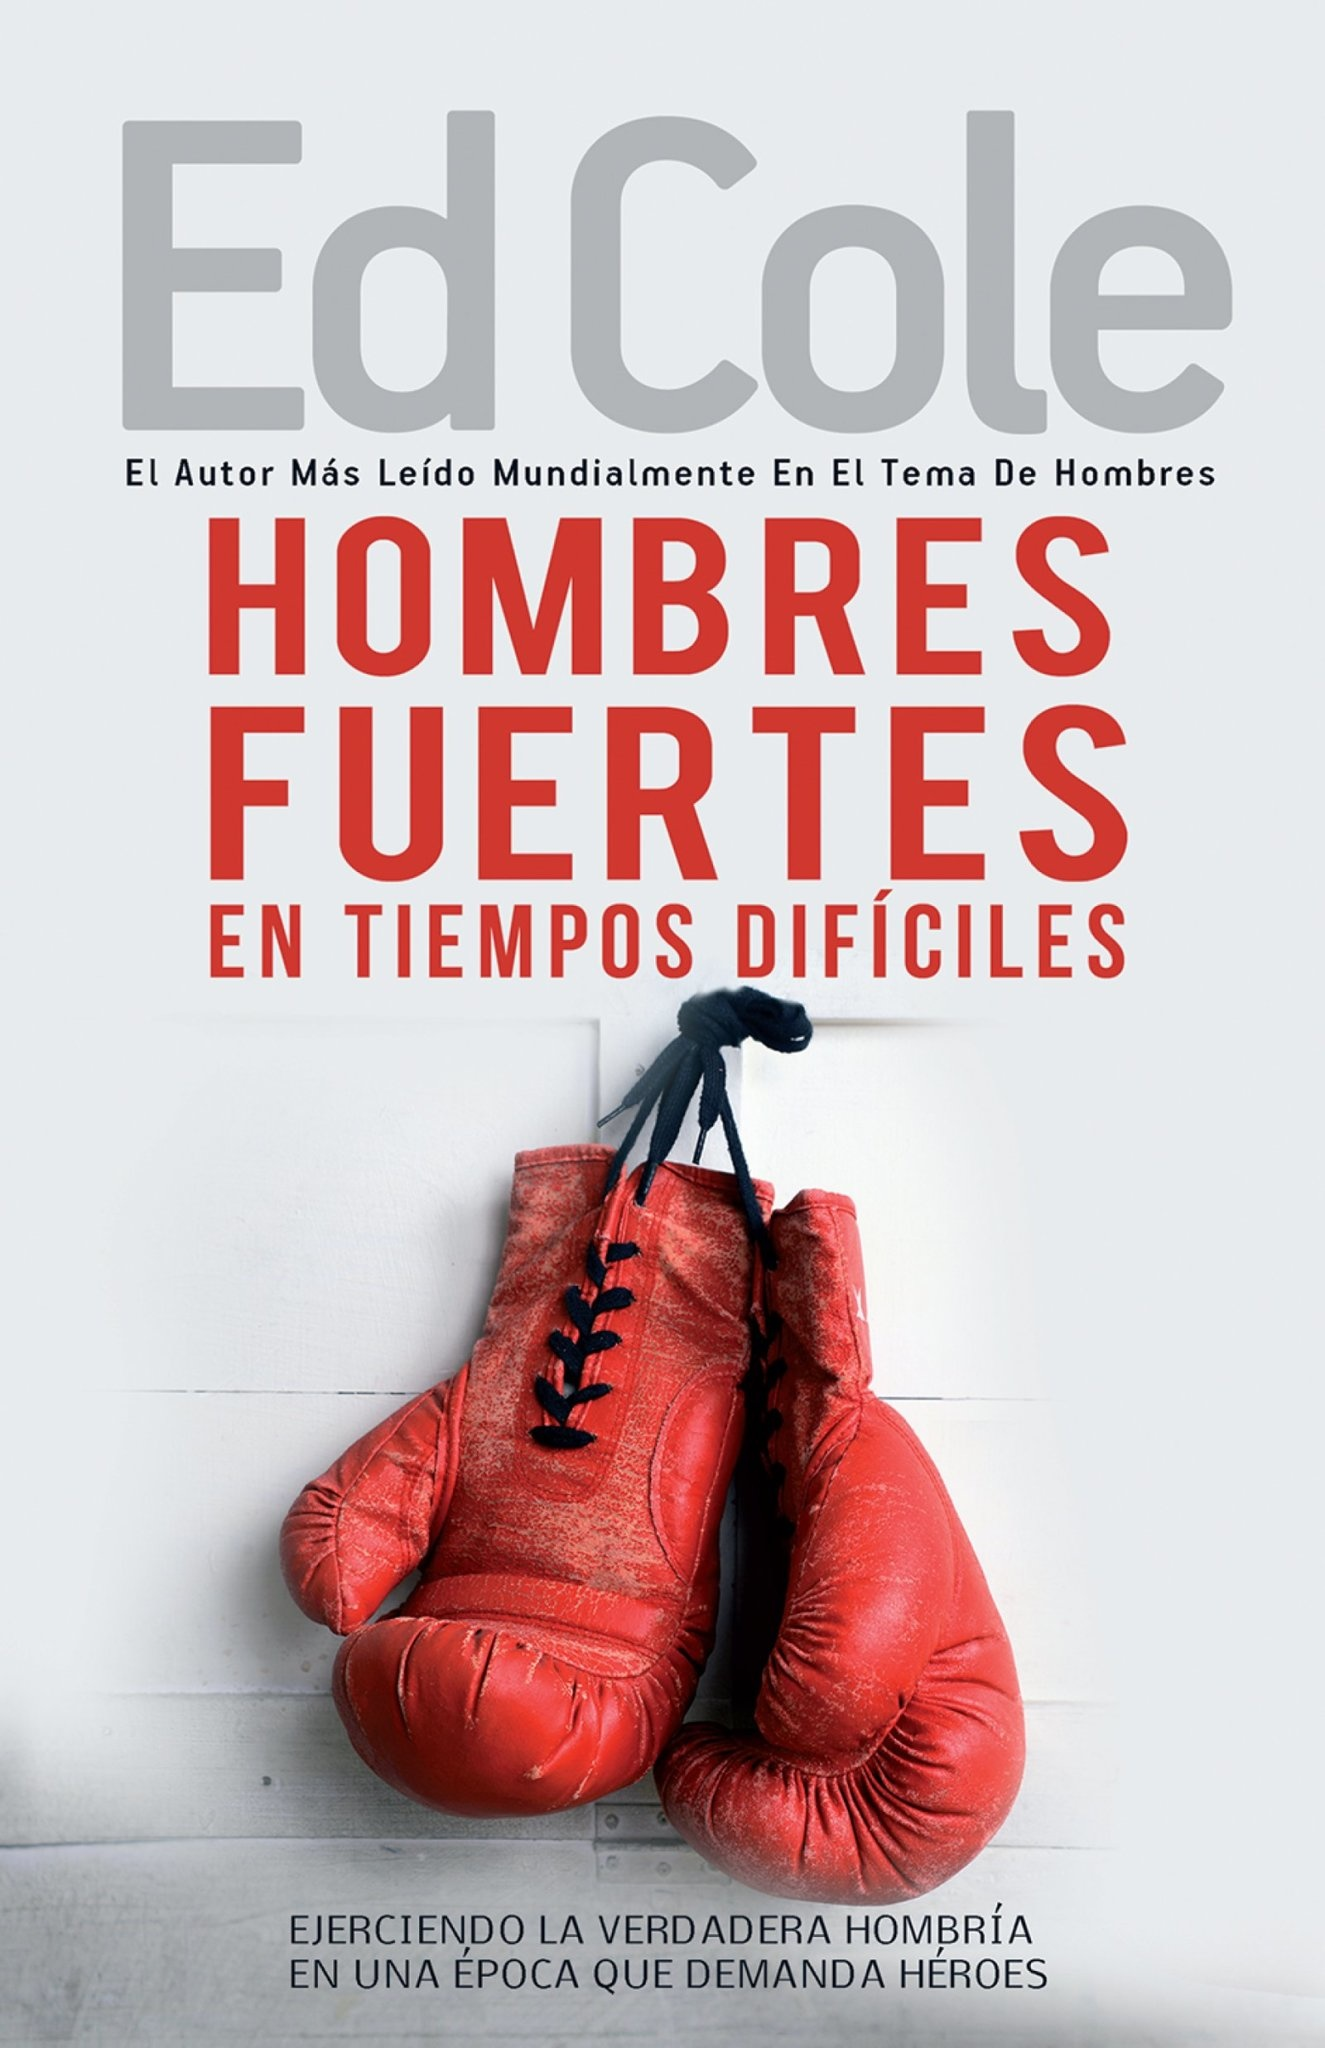 Hombres Fuertes En Tiempos Dificiles Book by Ed Cole - Strong Men In Tough Times-1